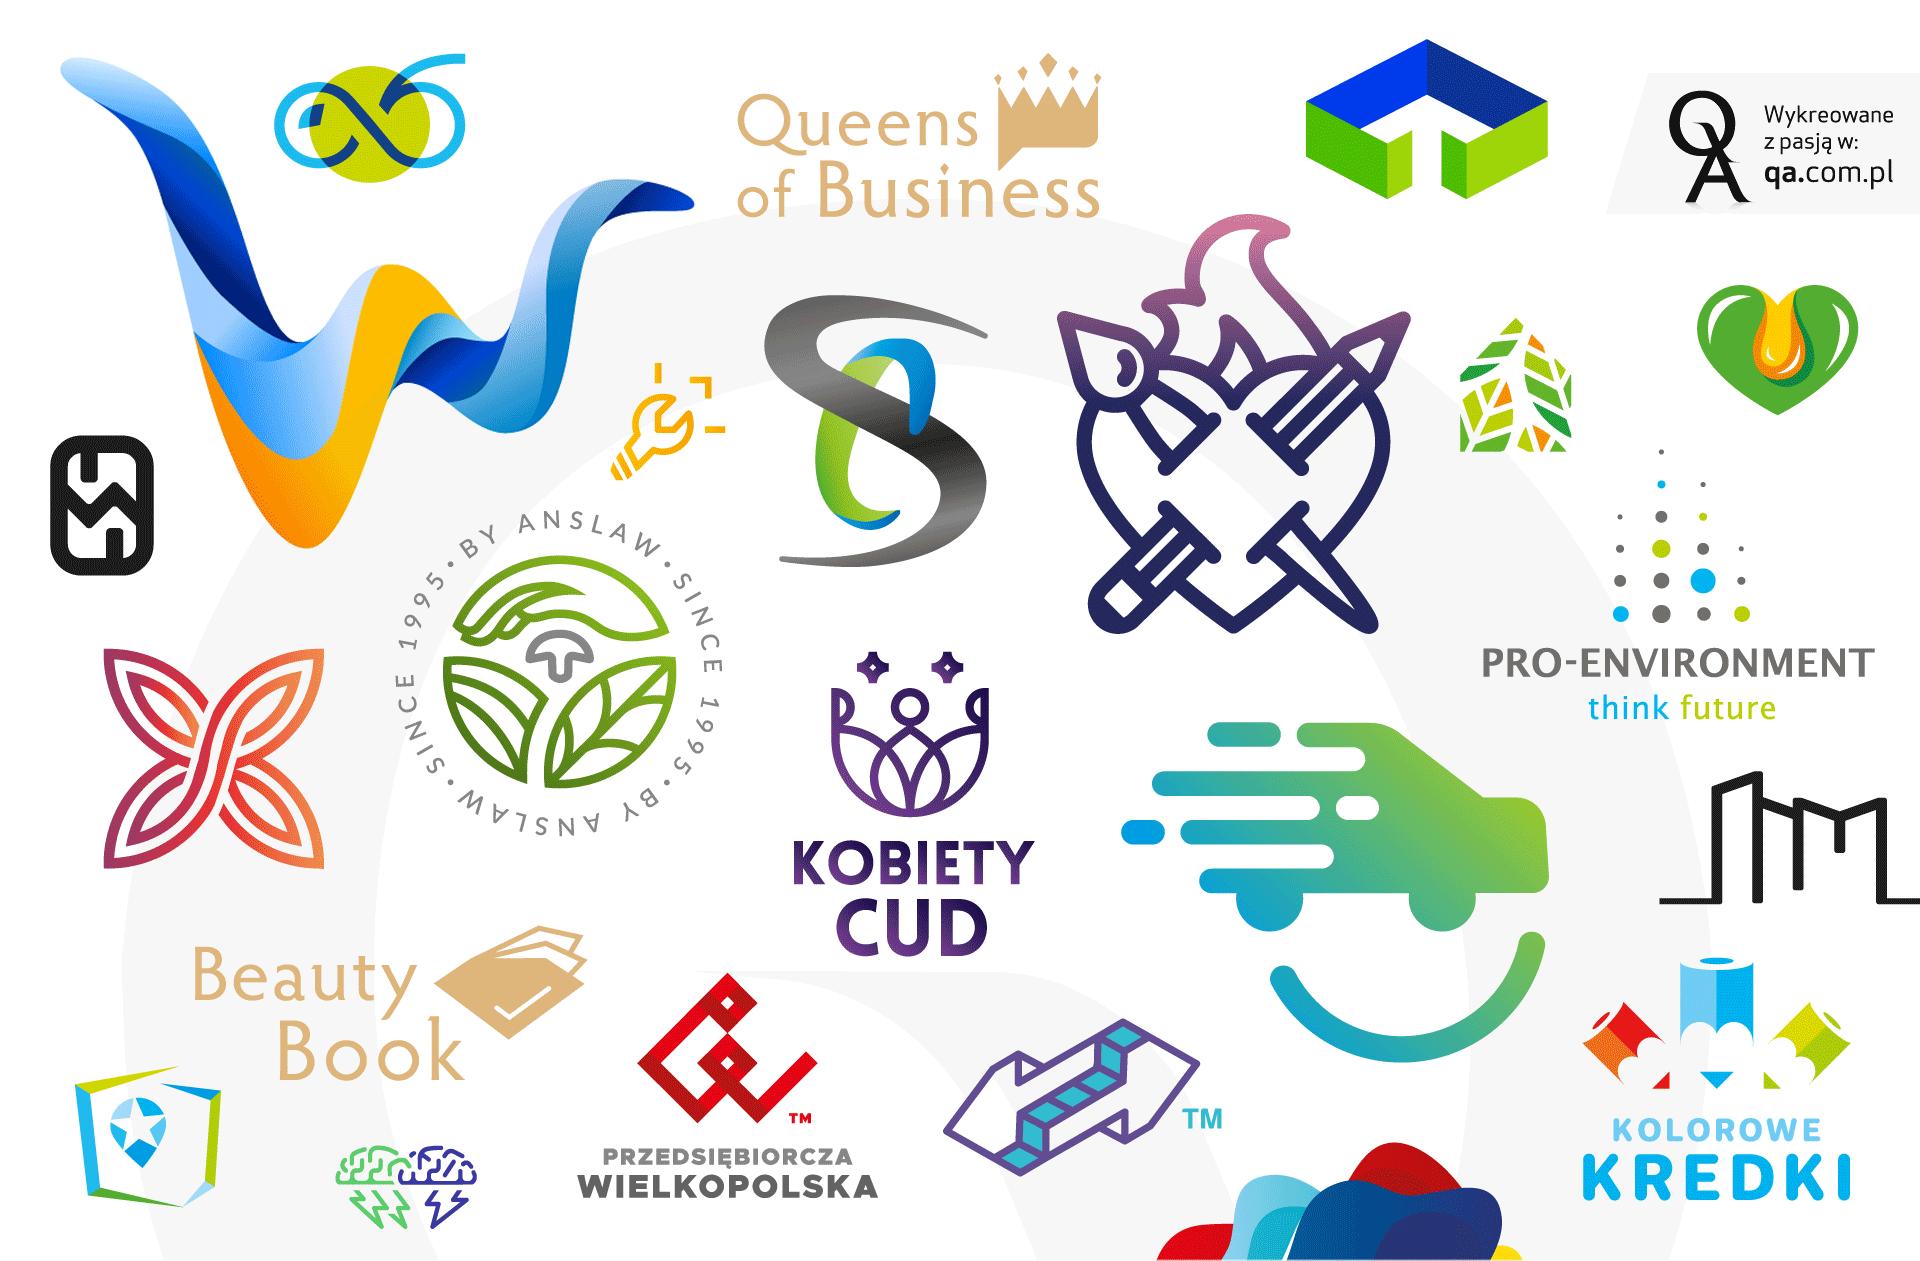 Logo i logotyp by QA, identyfikacja wizualna, CI - corporate identity!